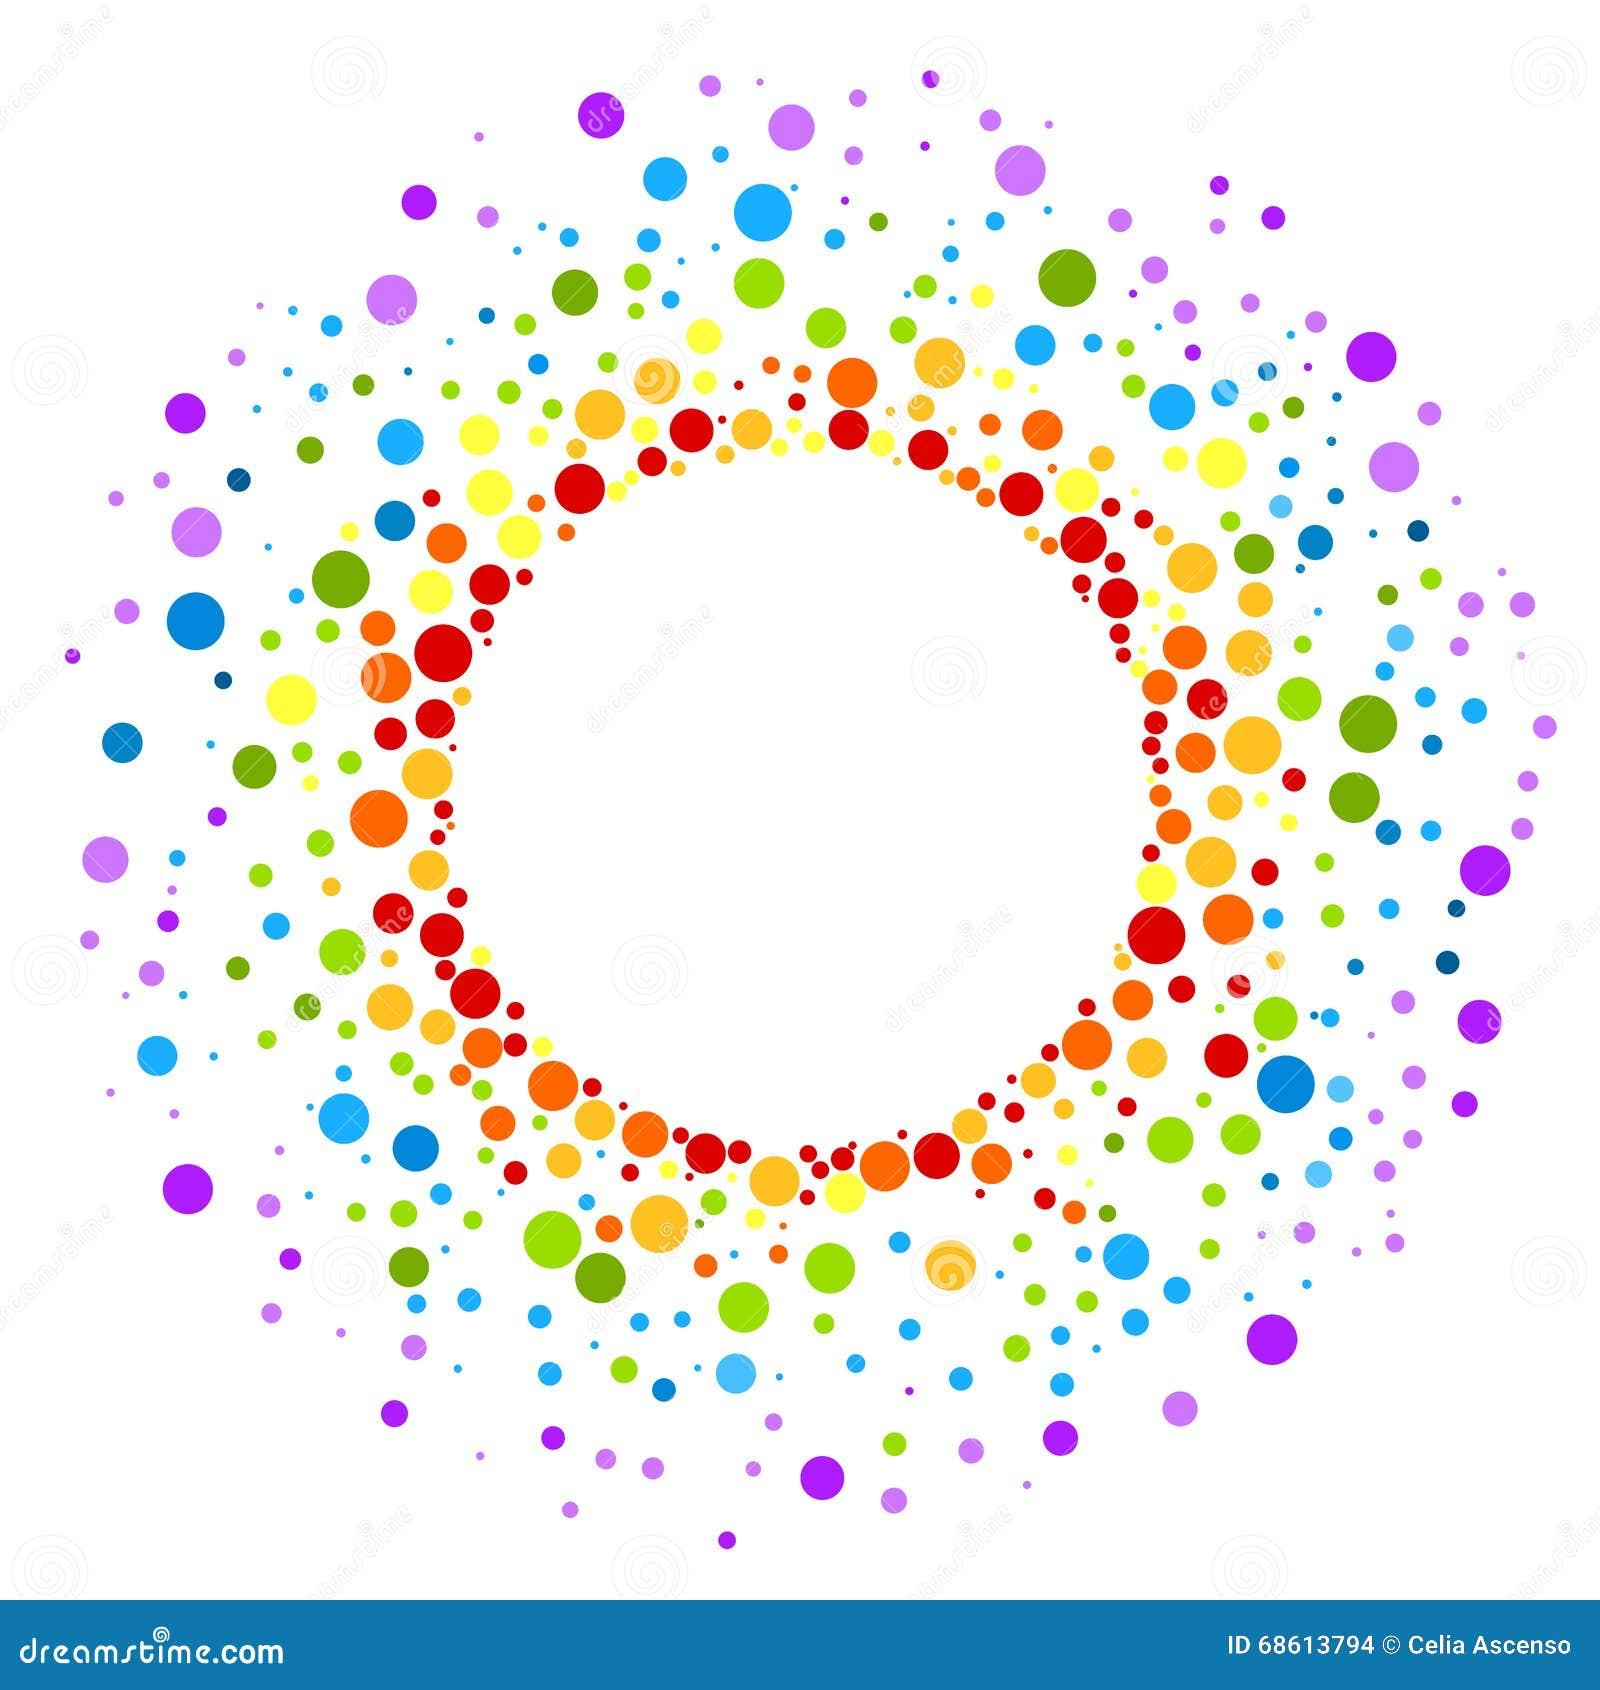 El arco iris circular mancha alrededor de la frontera del marco